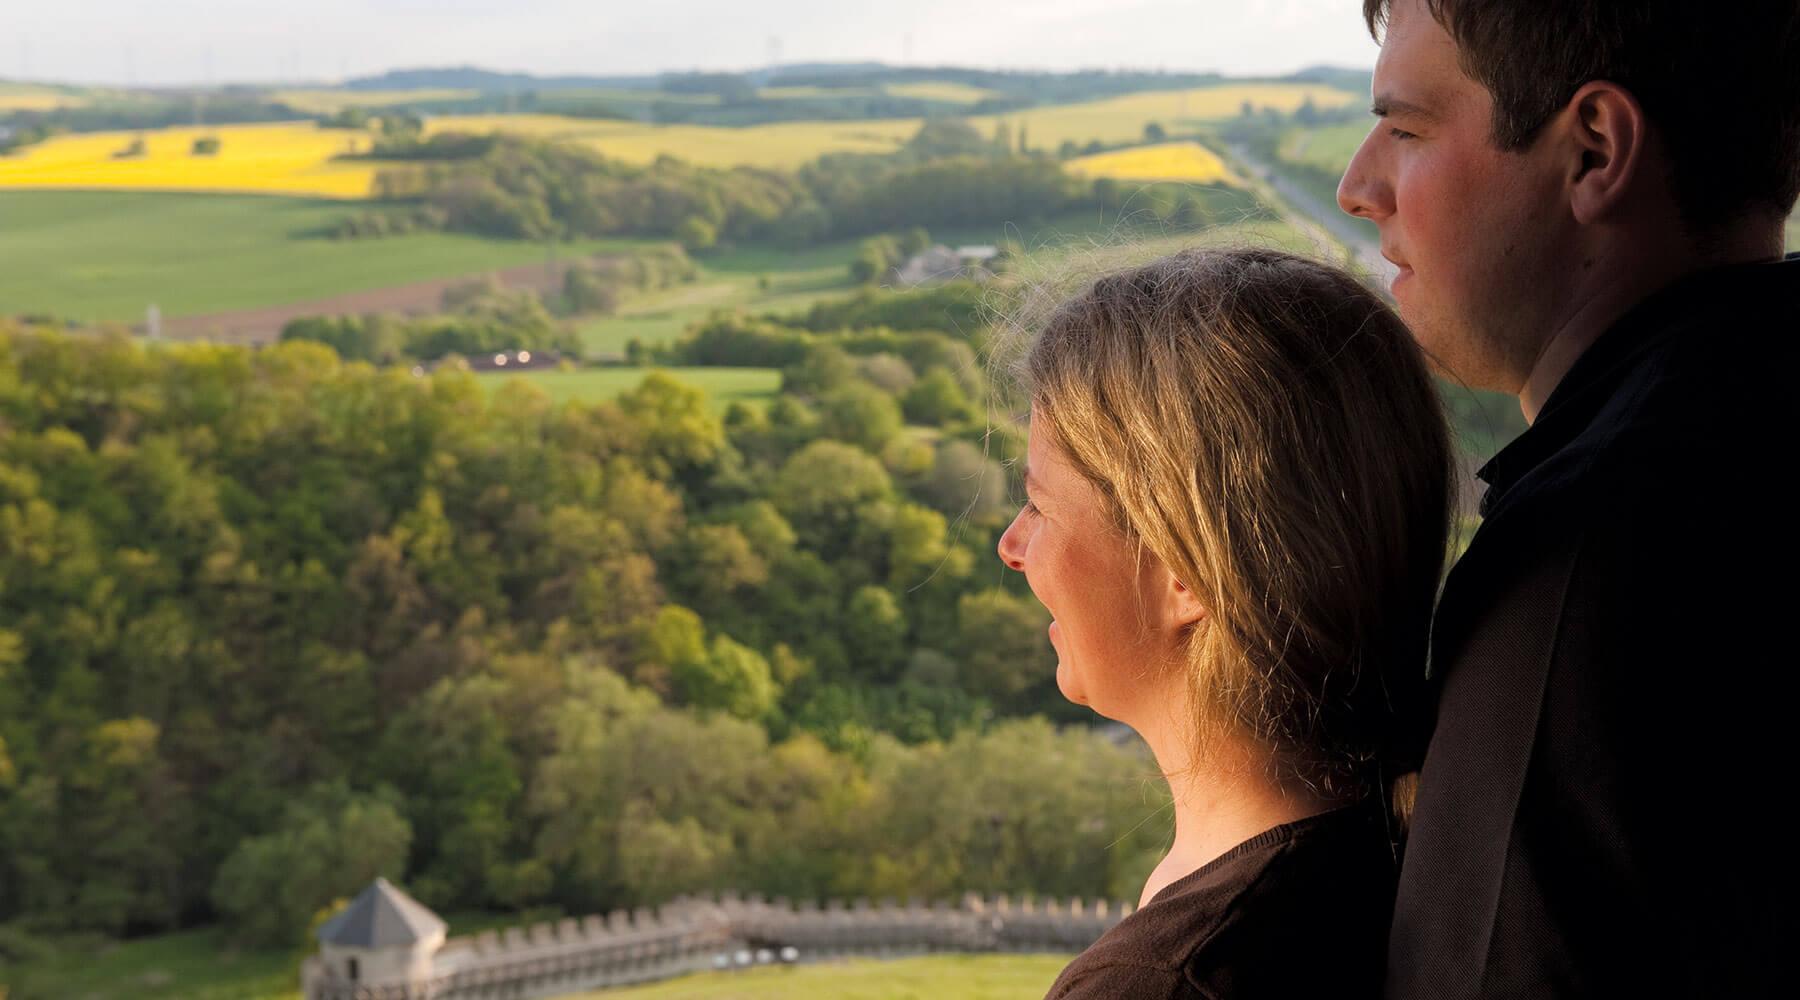 Vulkanpark Katzenberg Ein junges Paar blickt vom Katzenberg über die Eifel